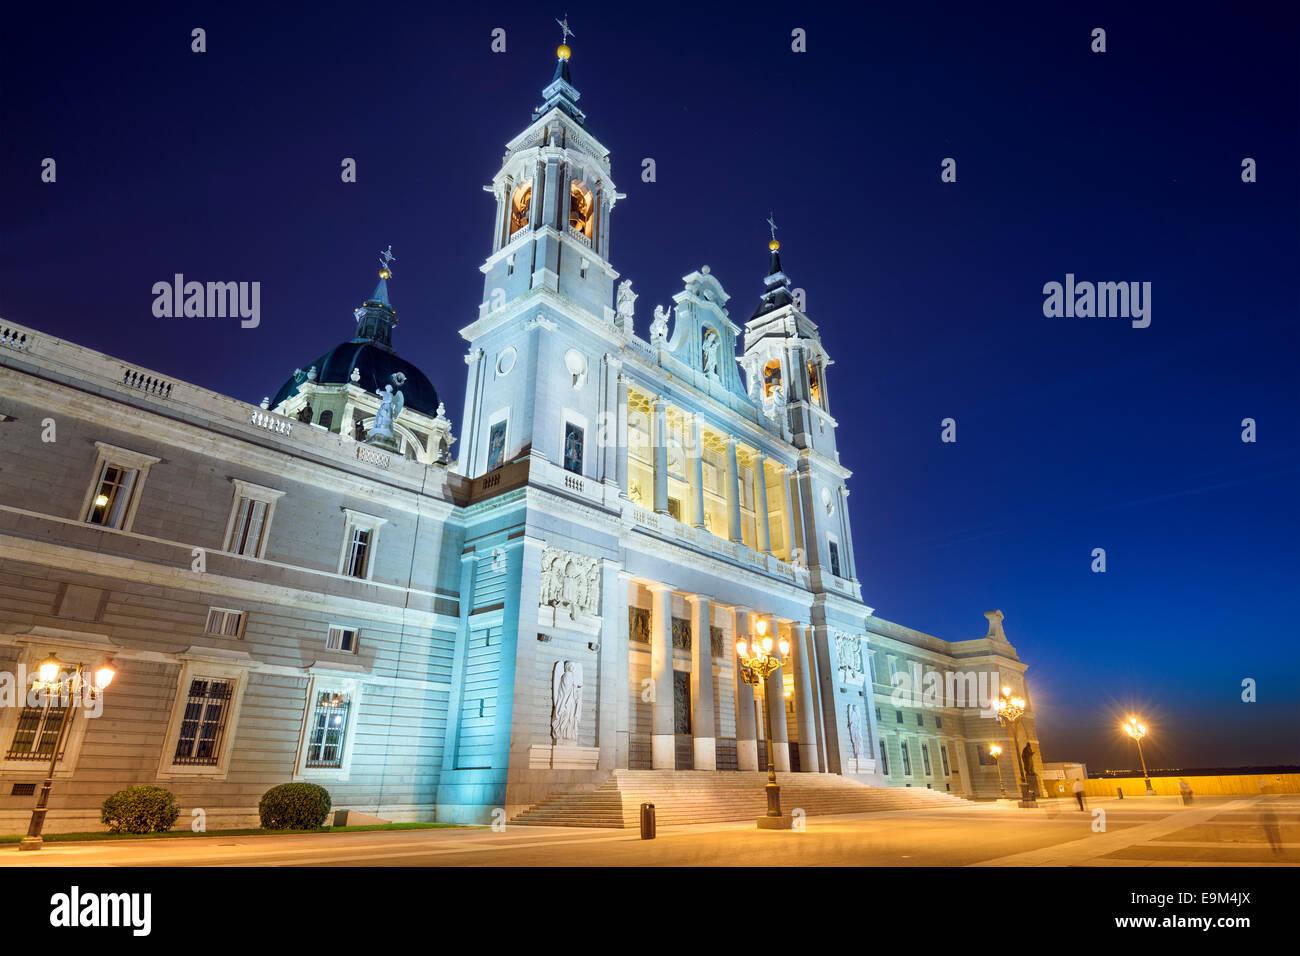 Madrid, España, en la Catedral de La Almudena durante la noche. Imagen De Stock